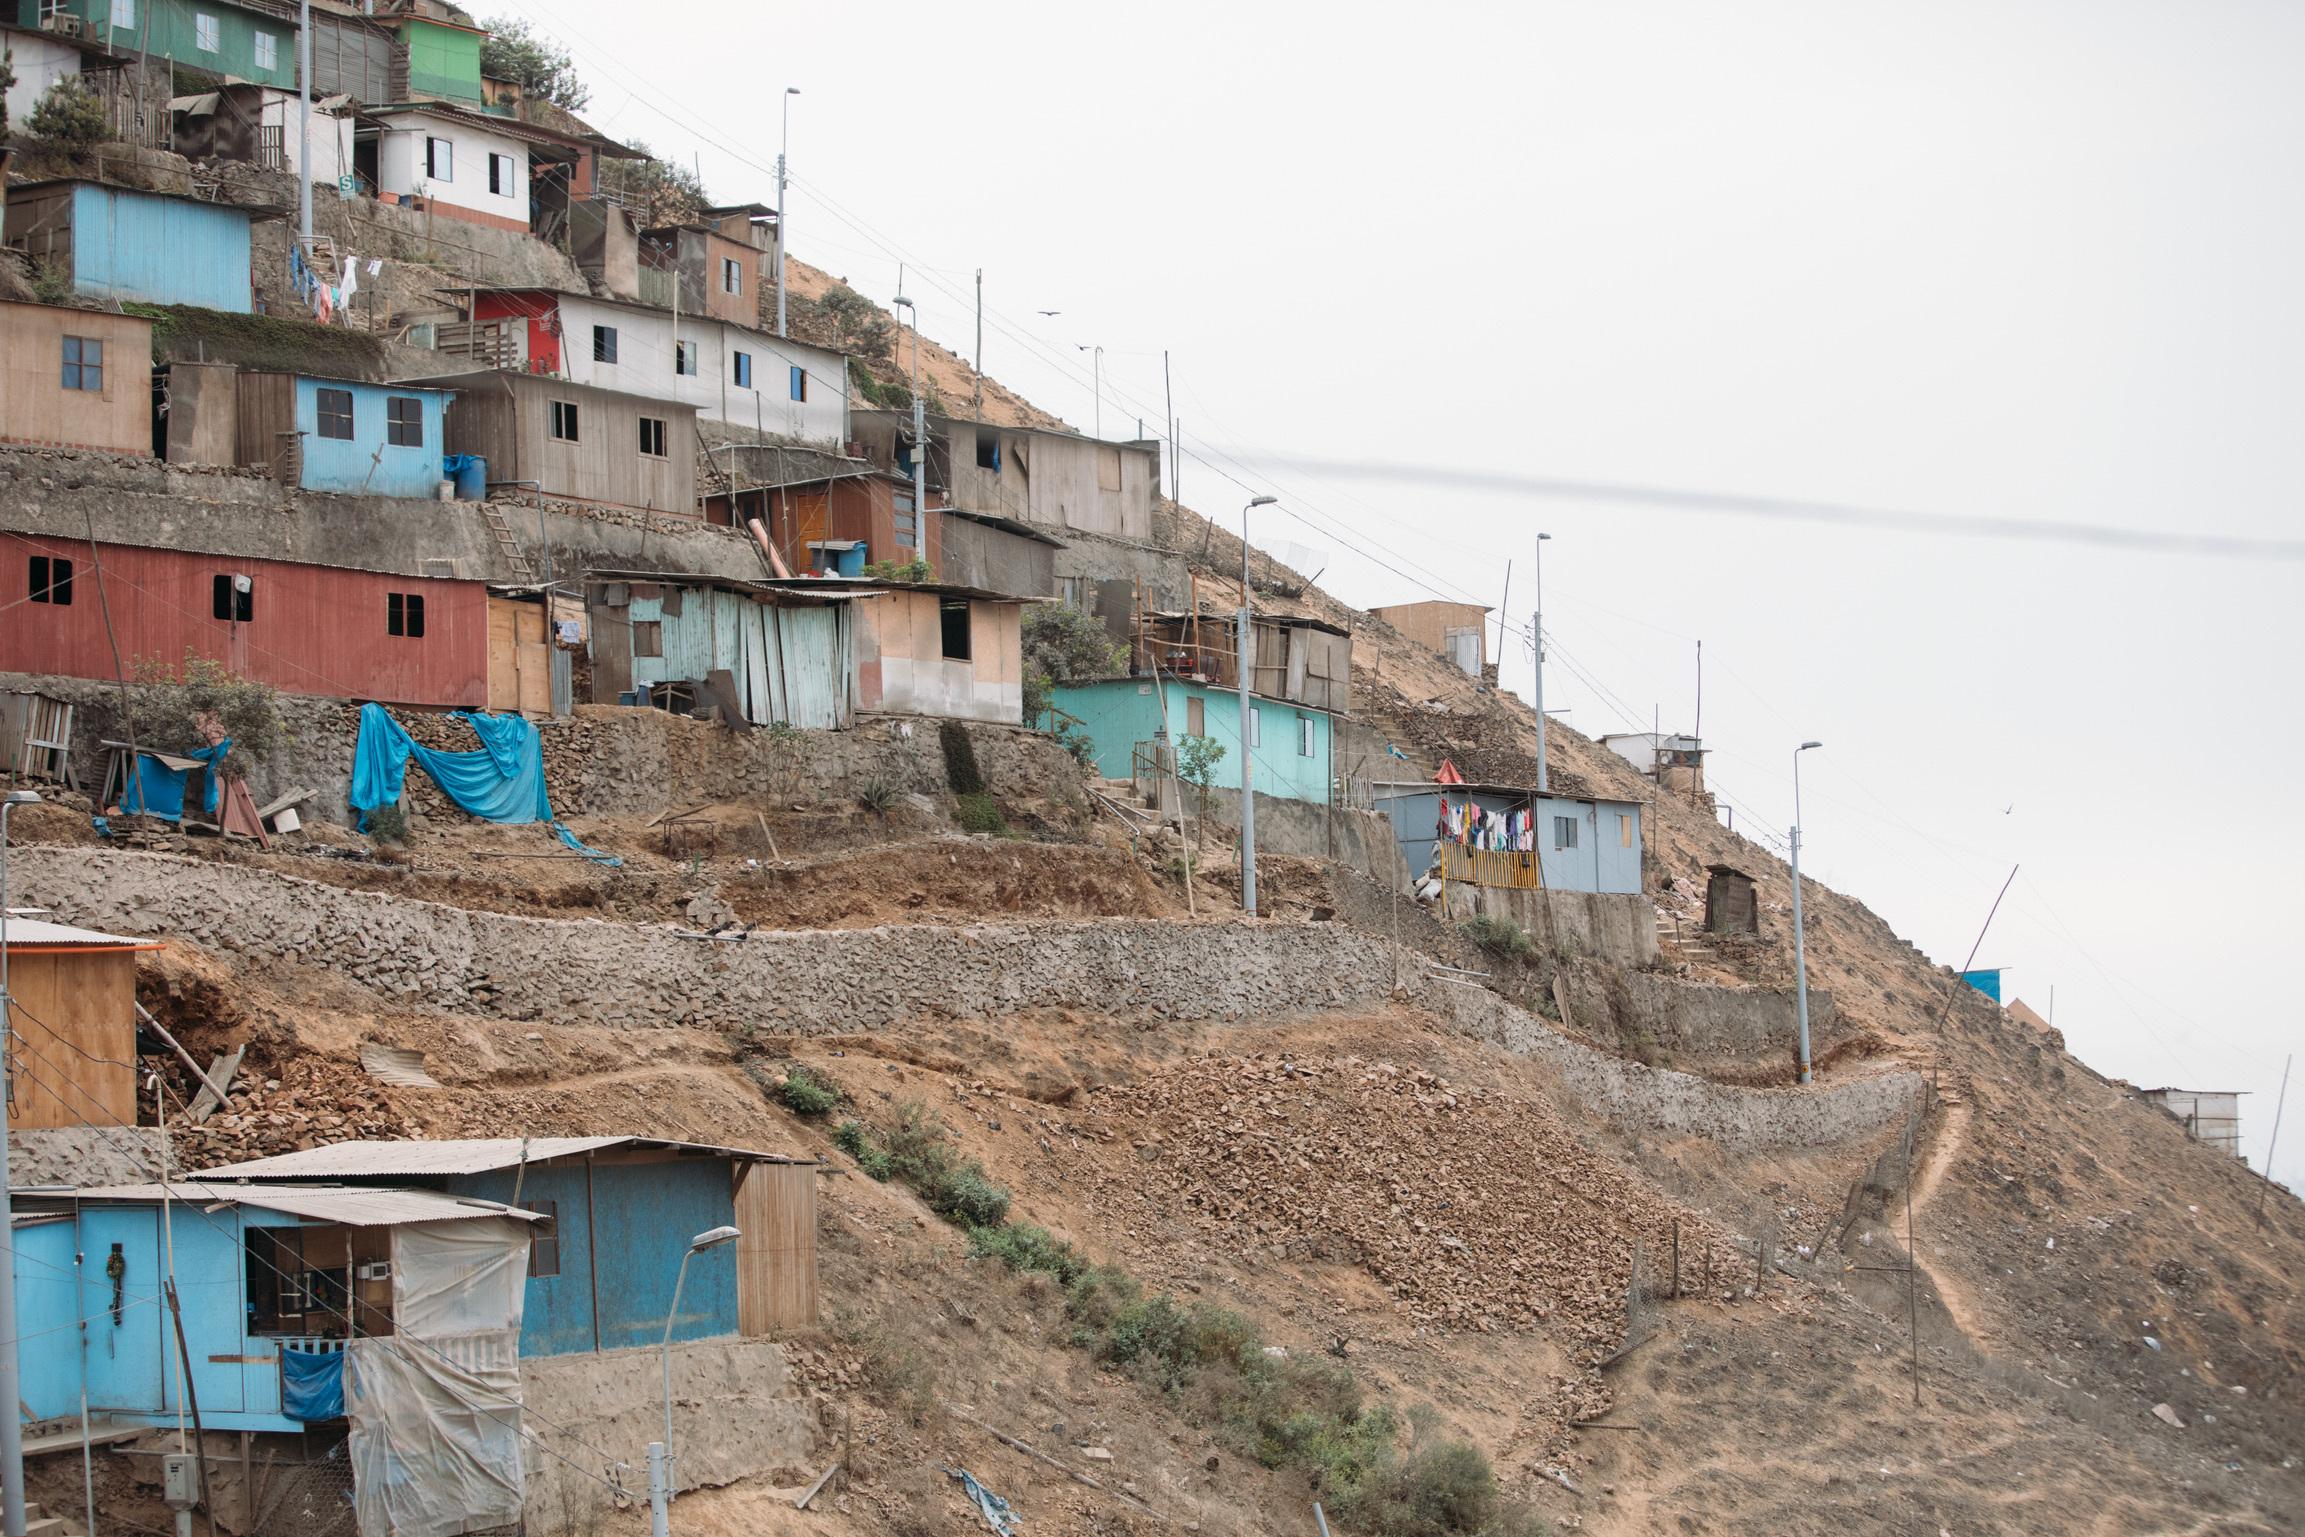 Community in Peru